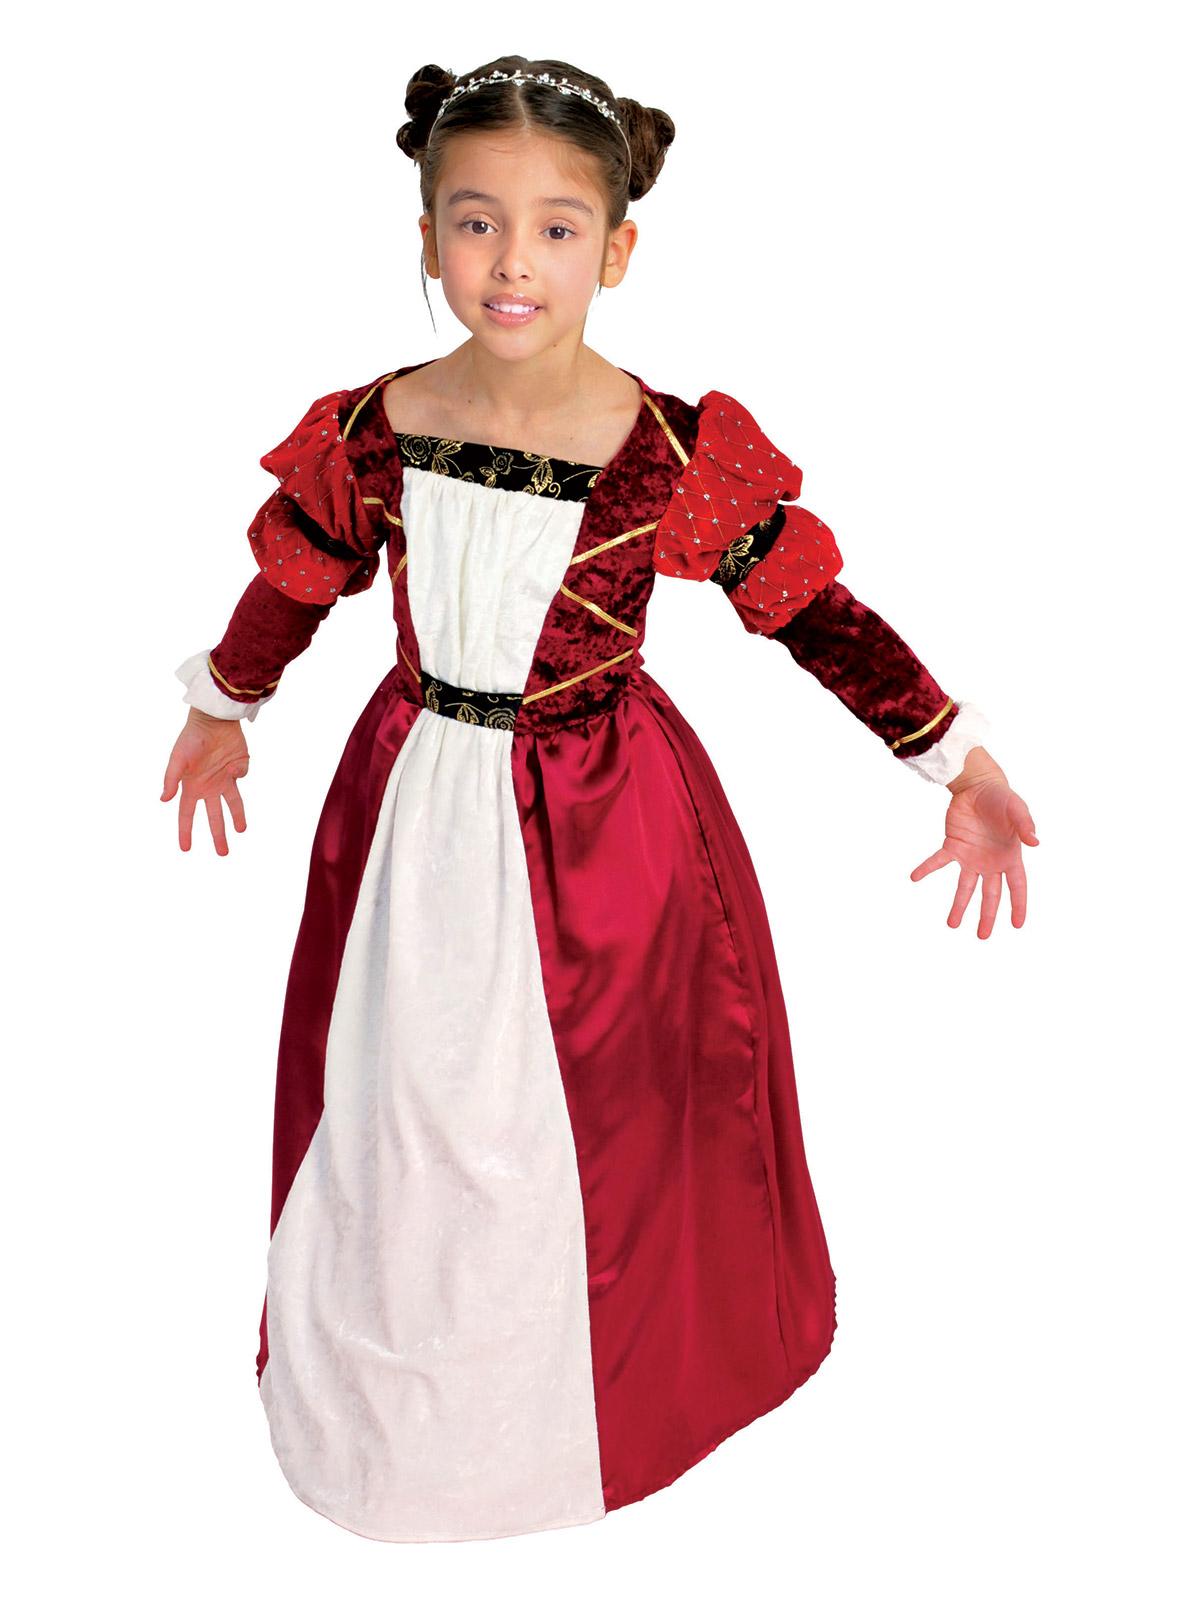 052878a43 Disfraz de princesa medieval para niña